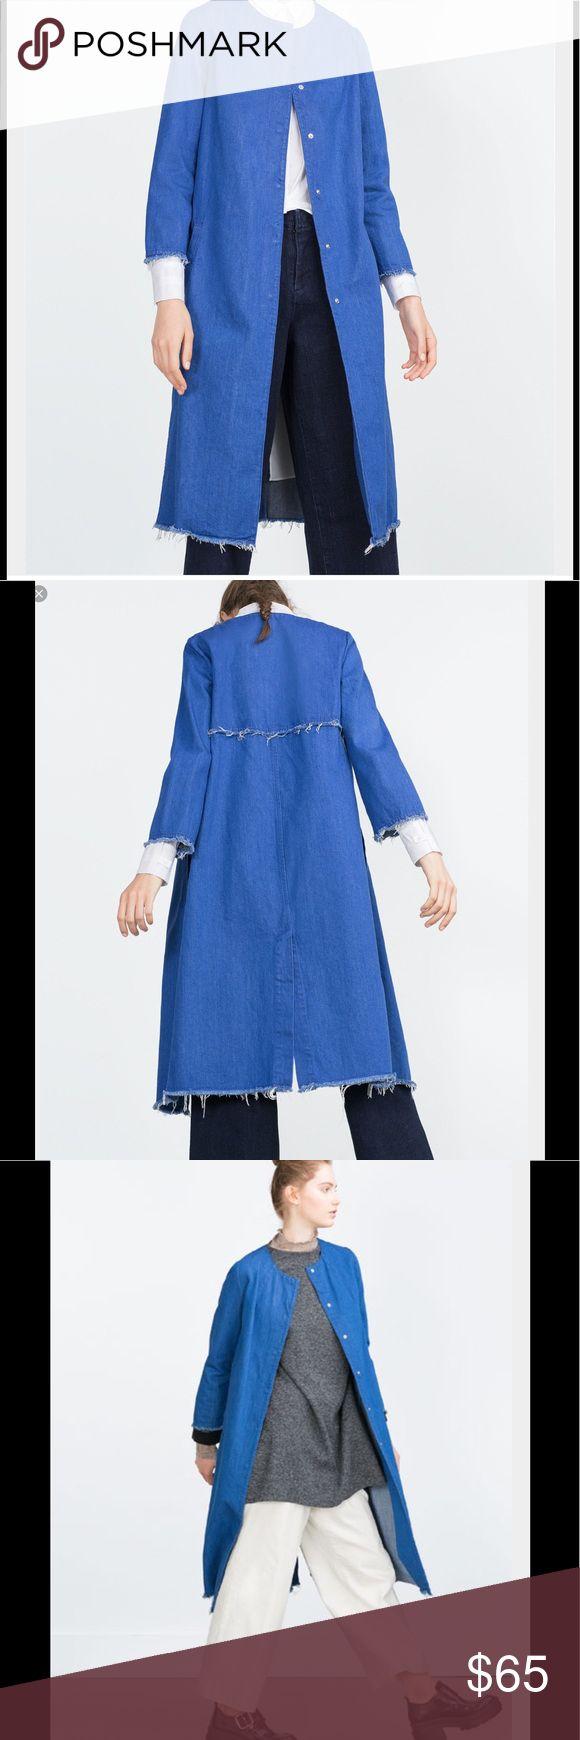 Zara trafaluc denim long overcoat jeans blue new Brand new with tags Zara Jackets & Coats Trench Coats